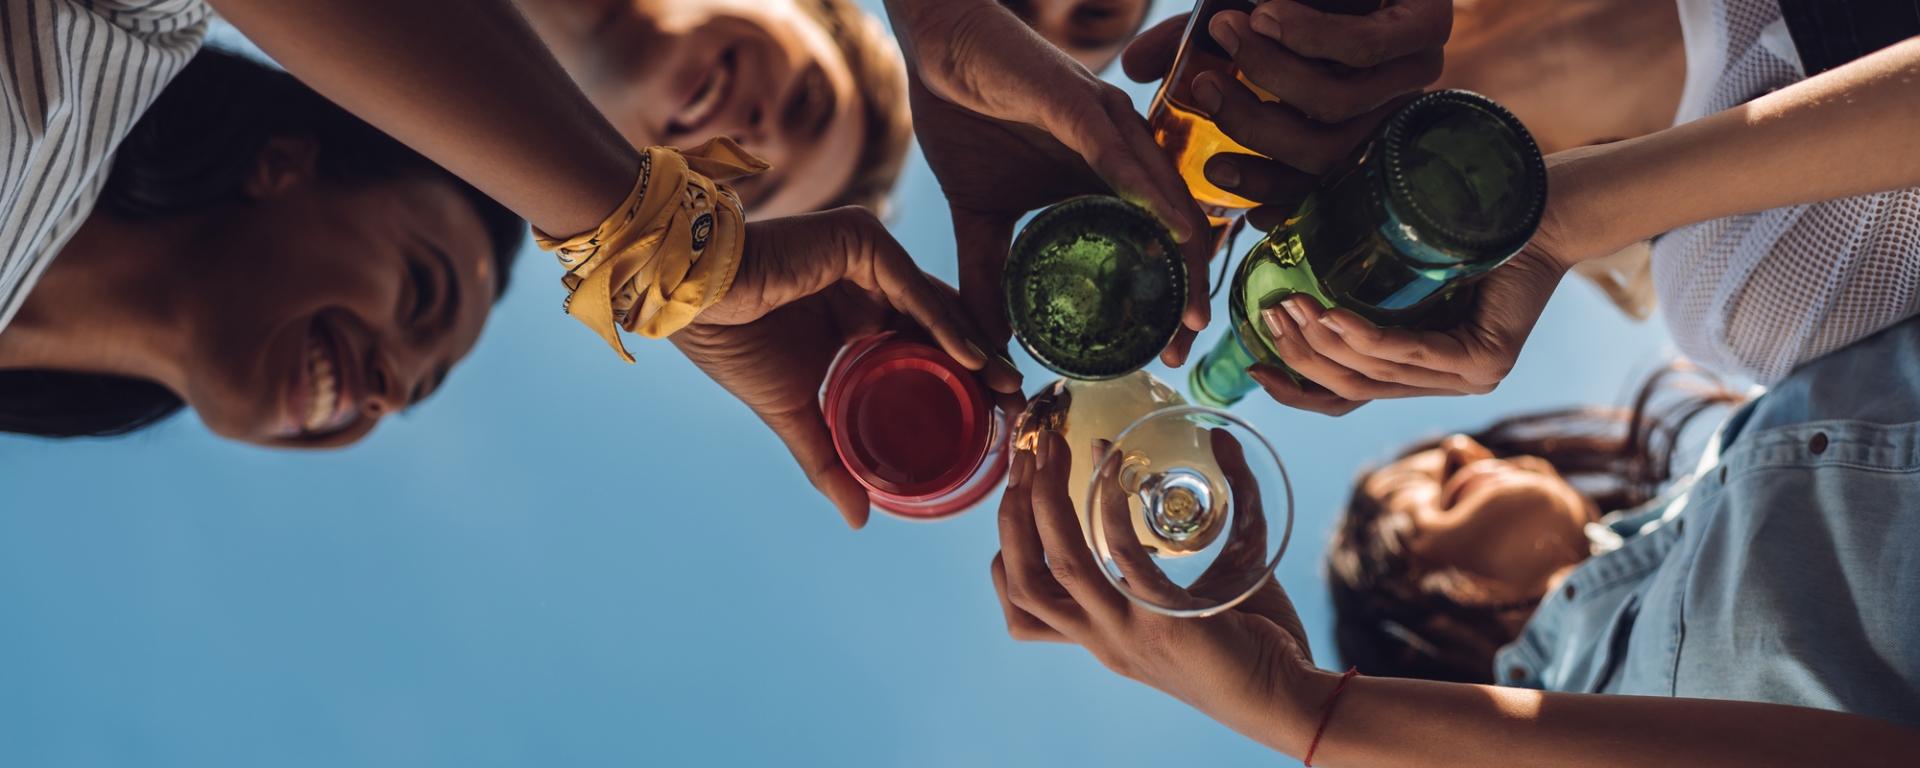 Vrienden klinken met verschillende soorten drankjes